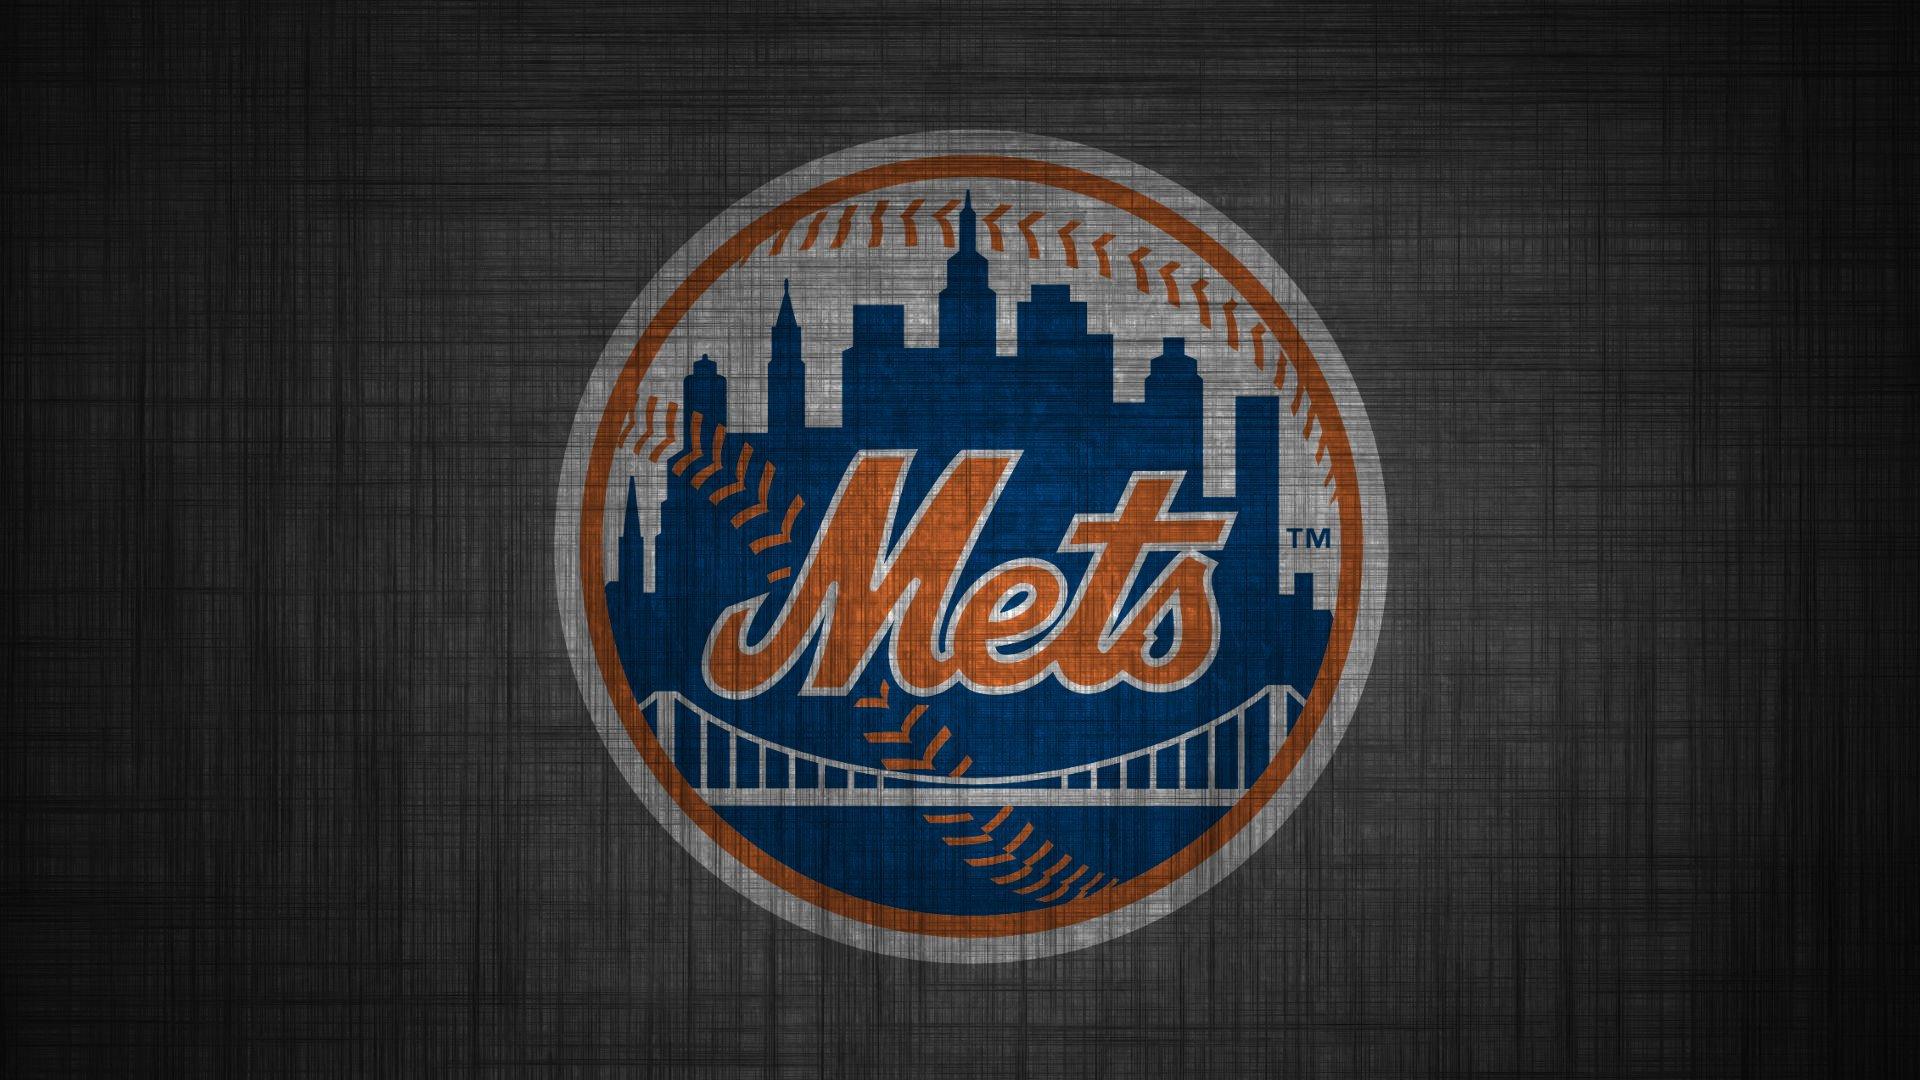 New York Mets Computer Wallpaper